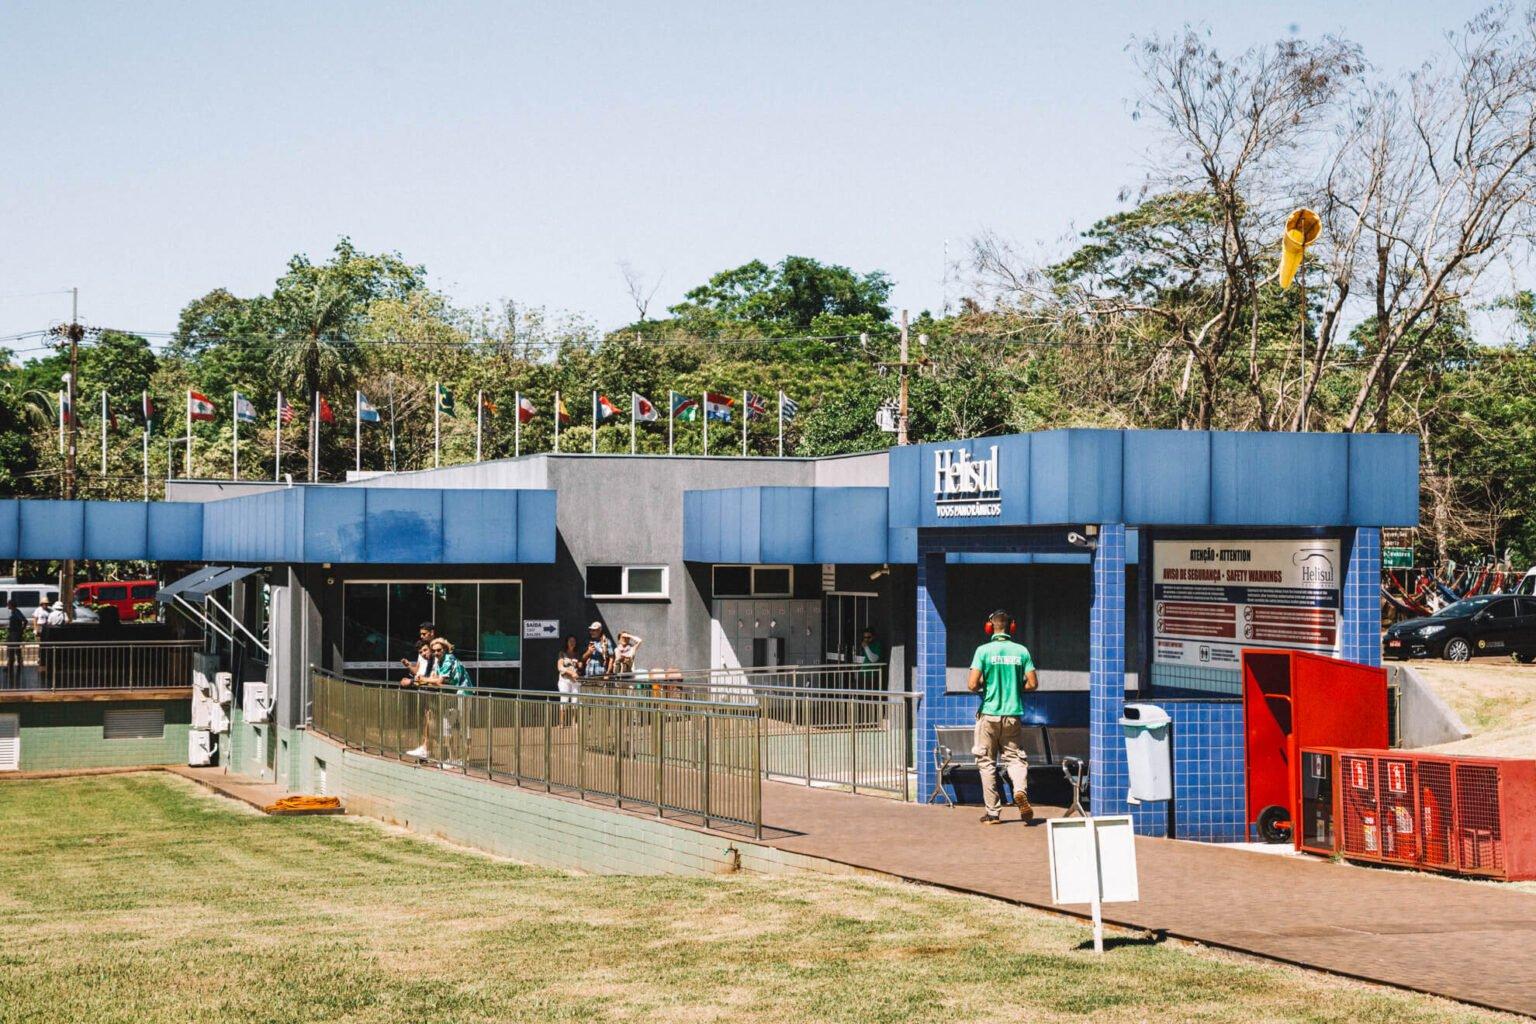 Sede da empresa Helisul em Foz do Iguaçu